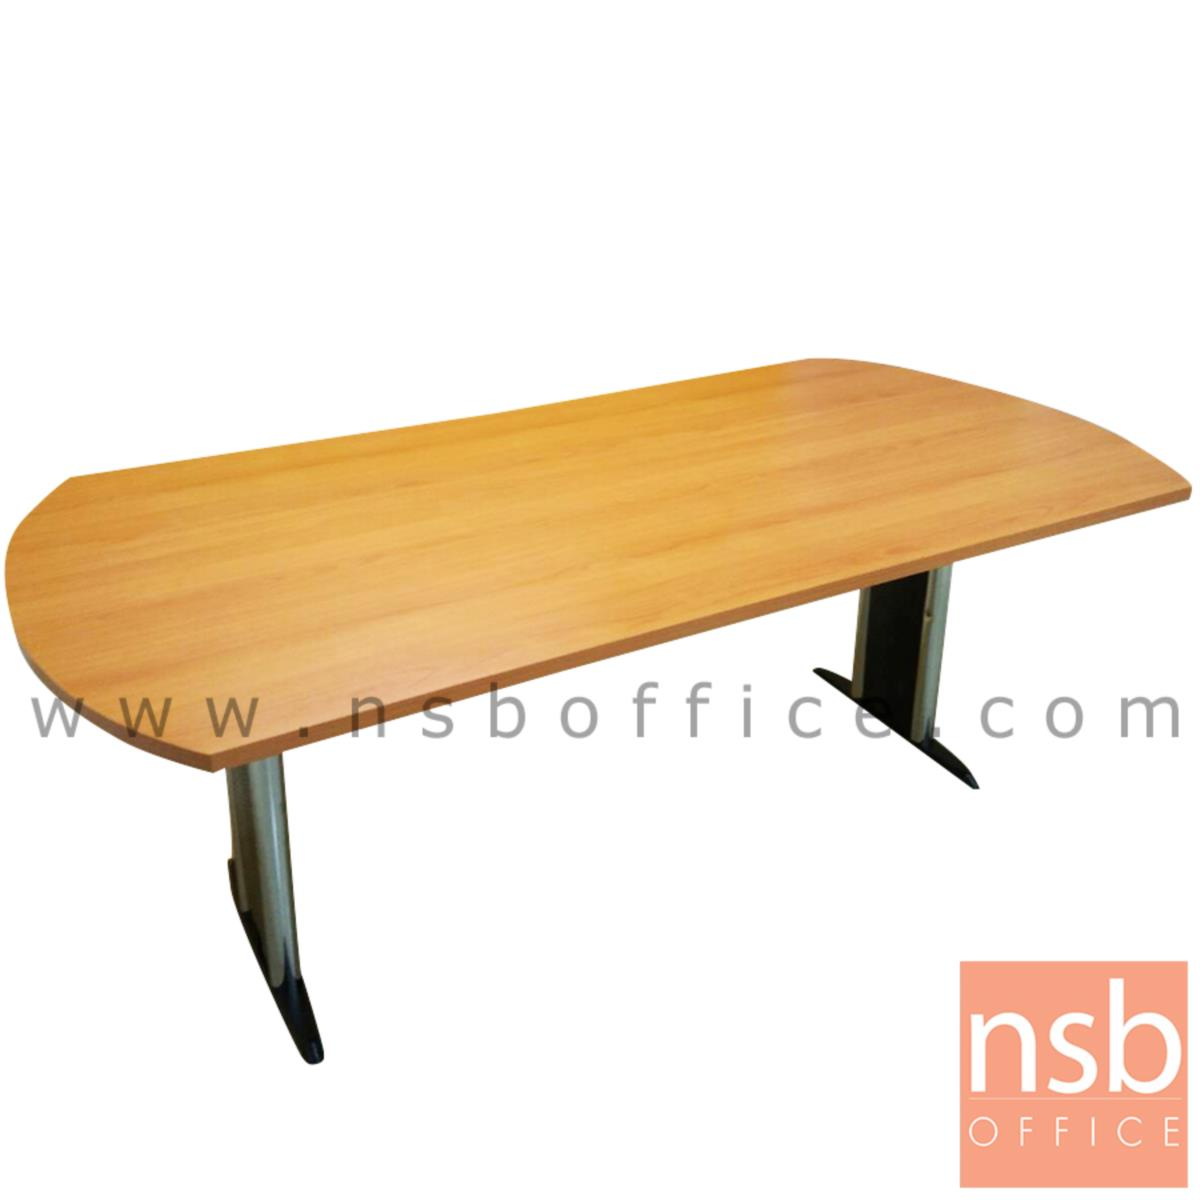 โต๊ะประชุมทรงเหลี่ยมหัวโค้ง  ขนาด 180W ,200W ,240W cm.  พร้อมระบบคานเหล็ก ขาเหล็กตัวไอ